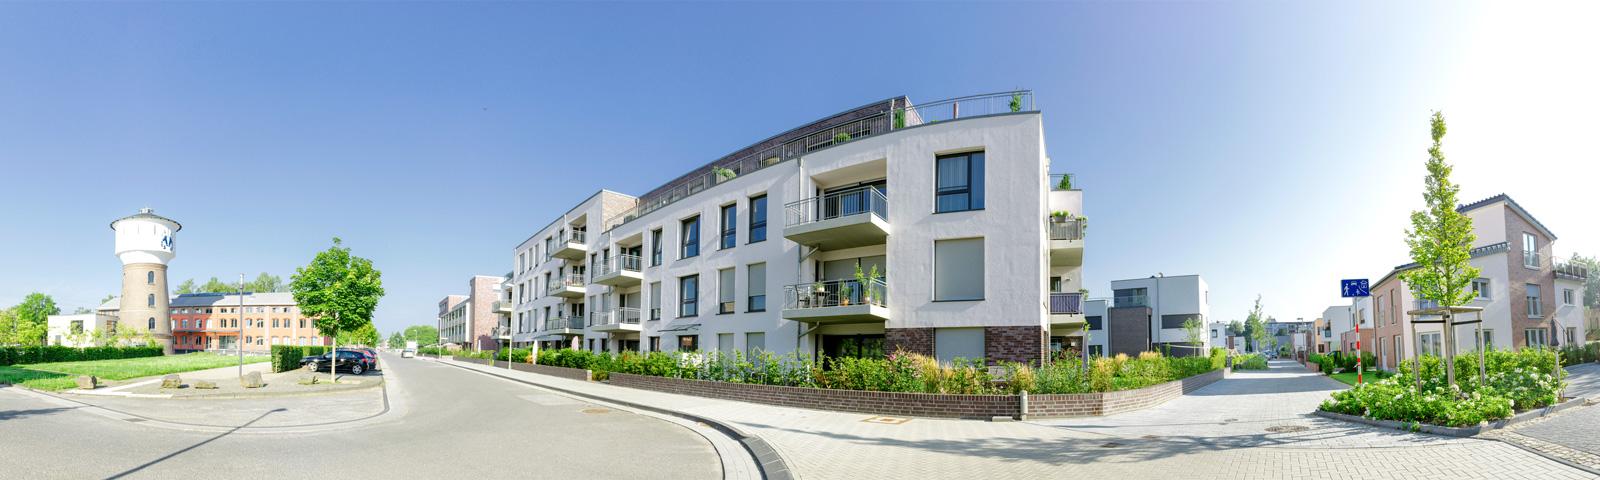 neue bahnstadt opladen Wohngebäude